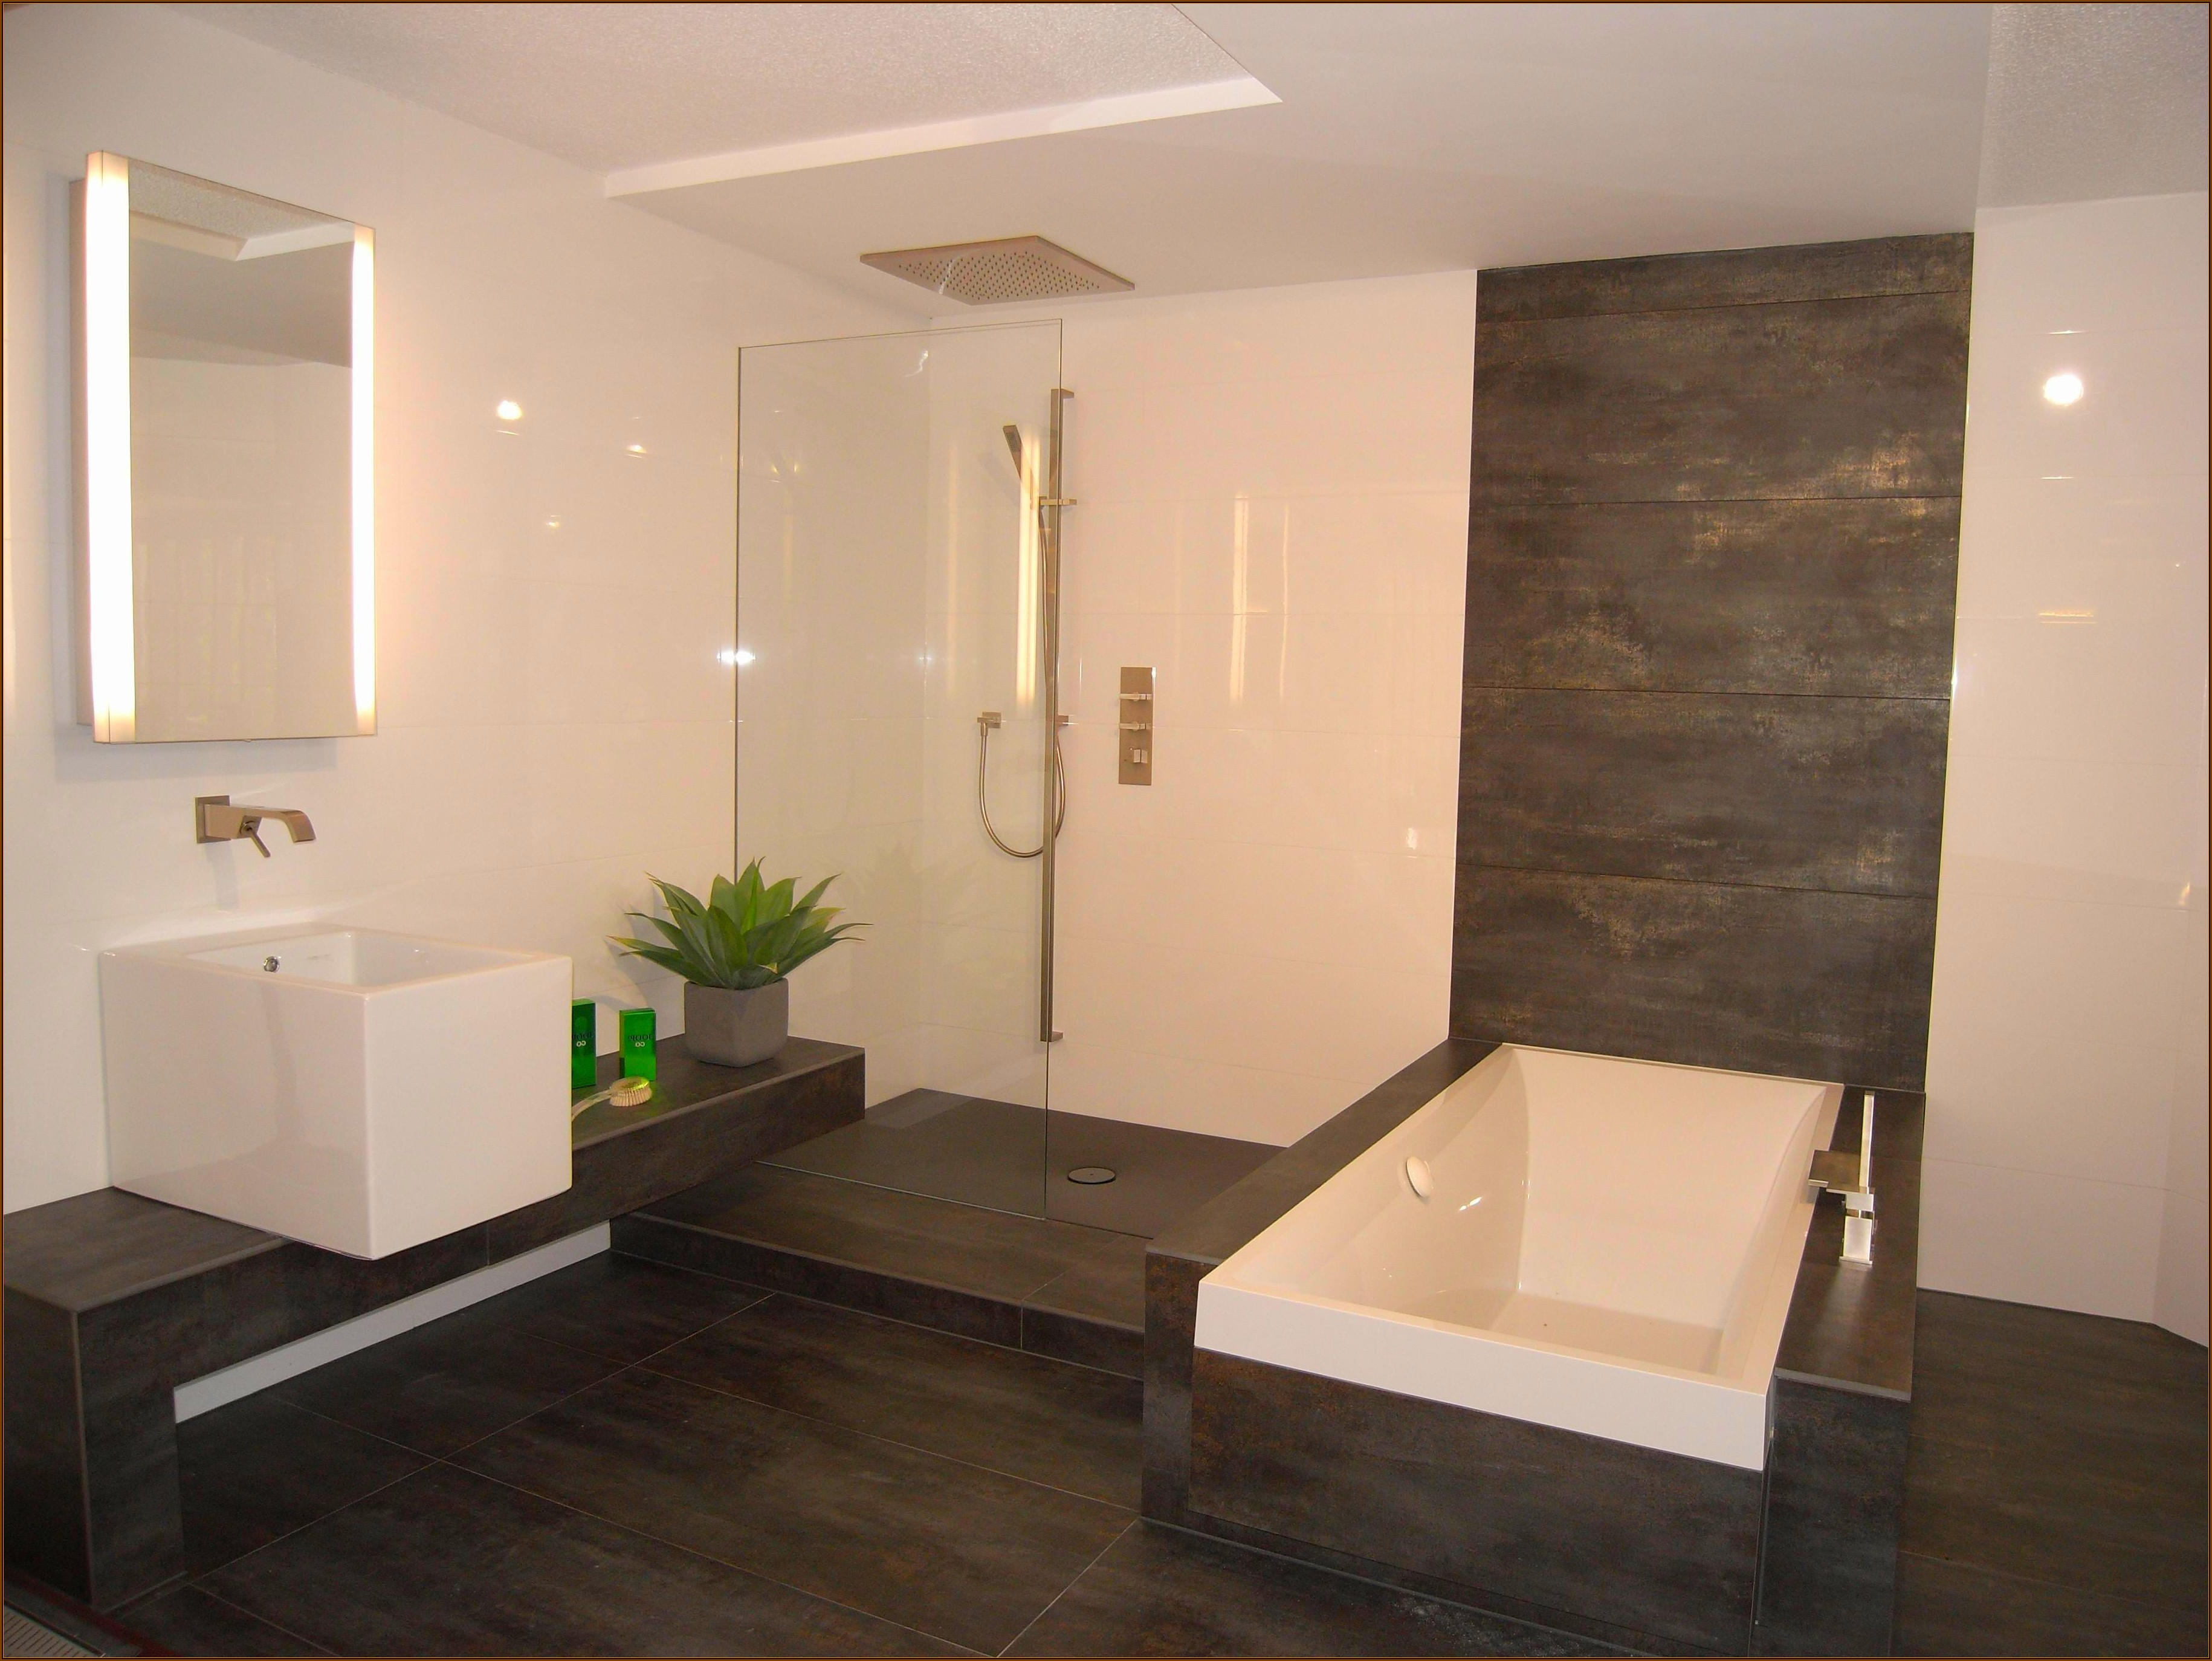 Schöne Bilder Fürs Badezimmer